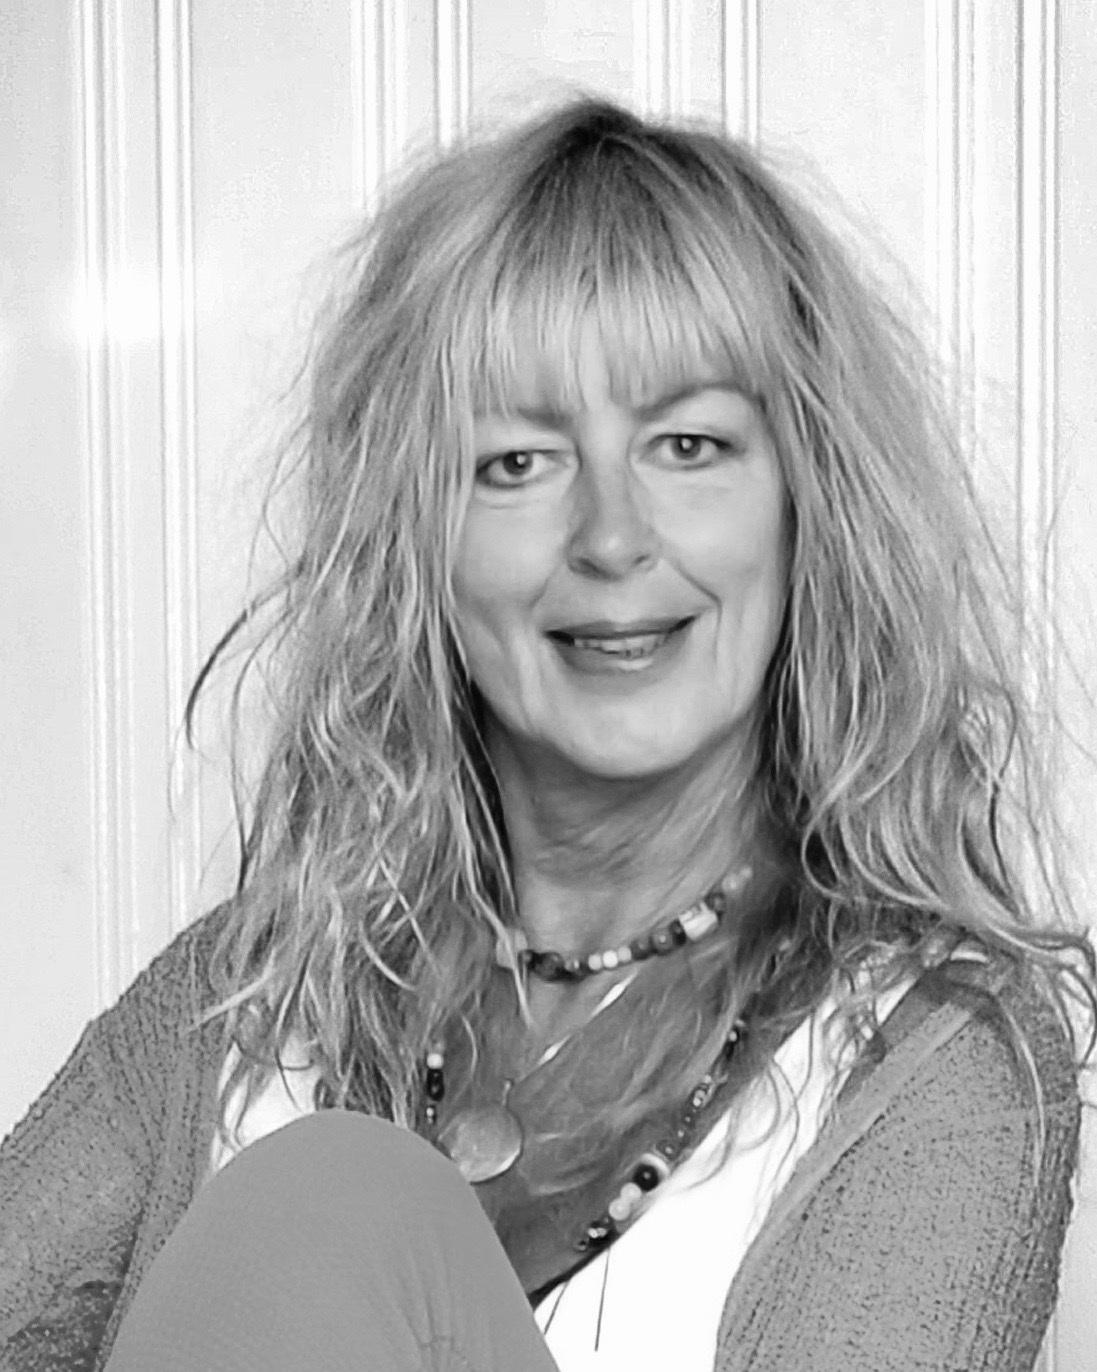 Anniken Paulsen - vokste opp på Greåker Kino og bodde der til hun var 18 år. Soverommet hennes lå vegg i vegg med maskinrommet, hvor musikk i alle genre fløt gjennom den tynne døren, noe som inspirerer henne til samarbeid med andre kunstarter. Hun er festivalkomponist for Egil Hovland-festivalen i 2019